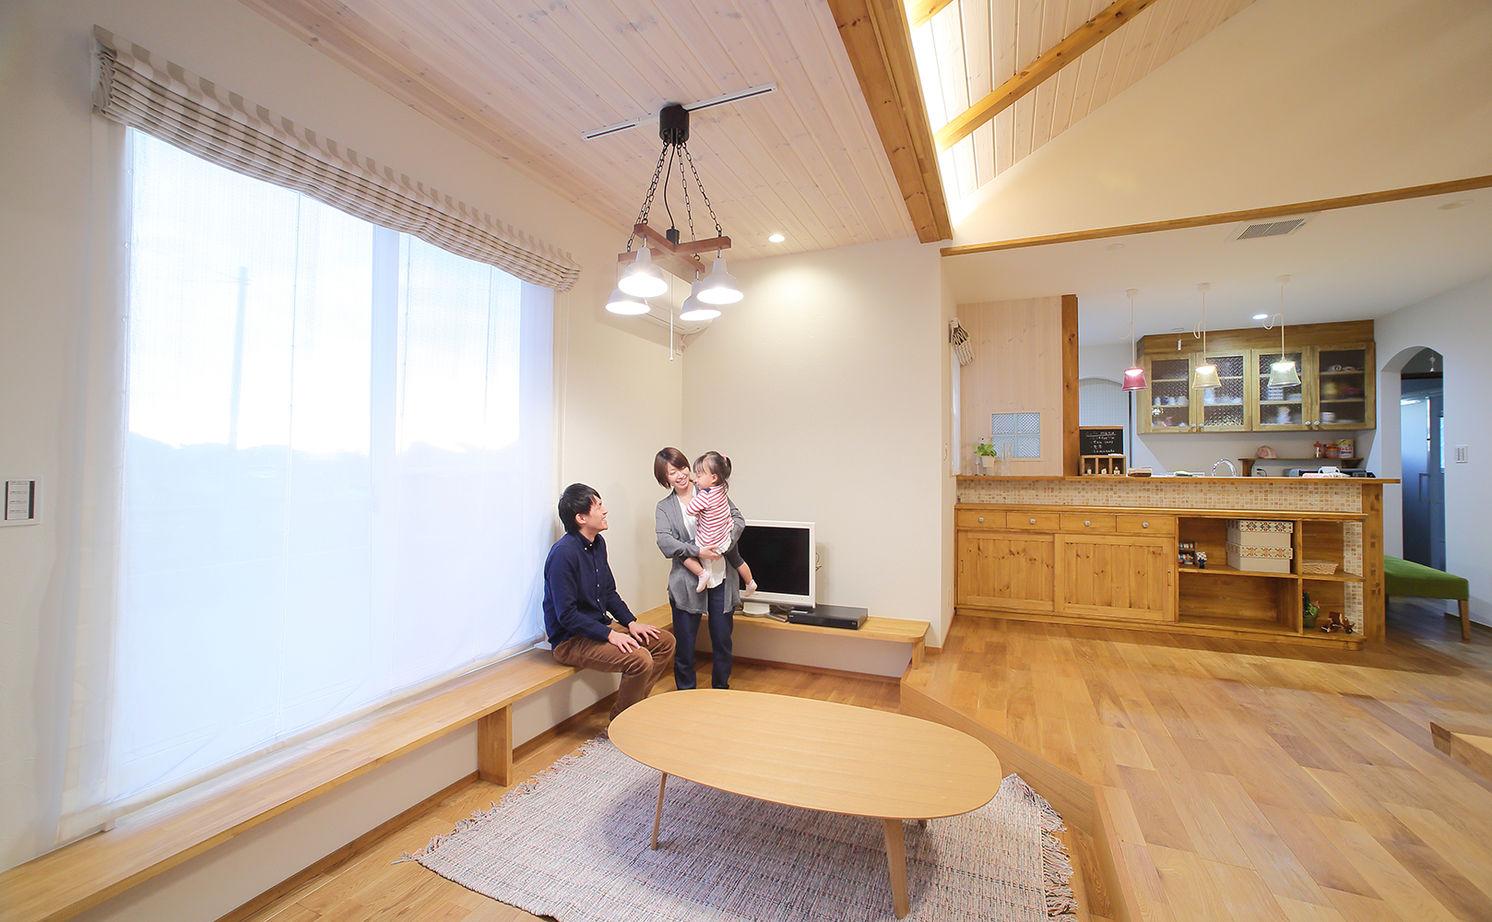 【2380万円】大好きを形に!自然素材を使用したカフェ風のフレンチかわいい平屋の住まい画像2